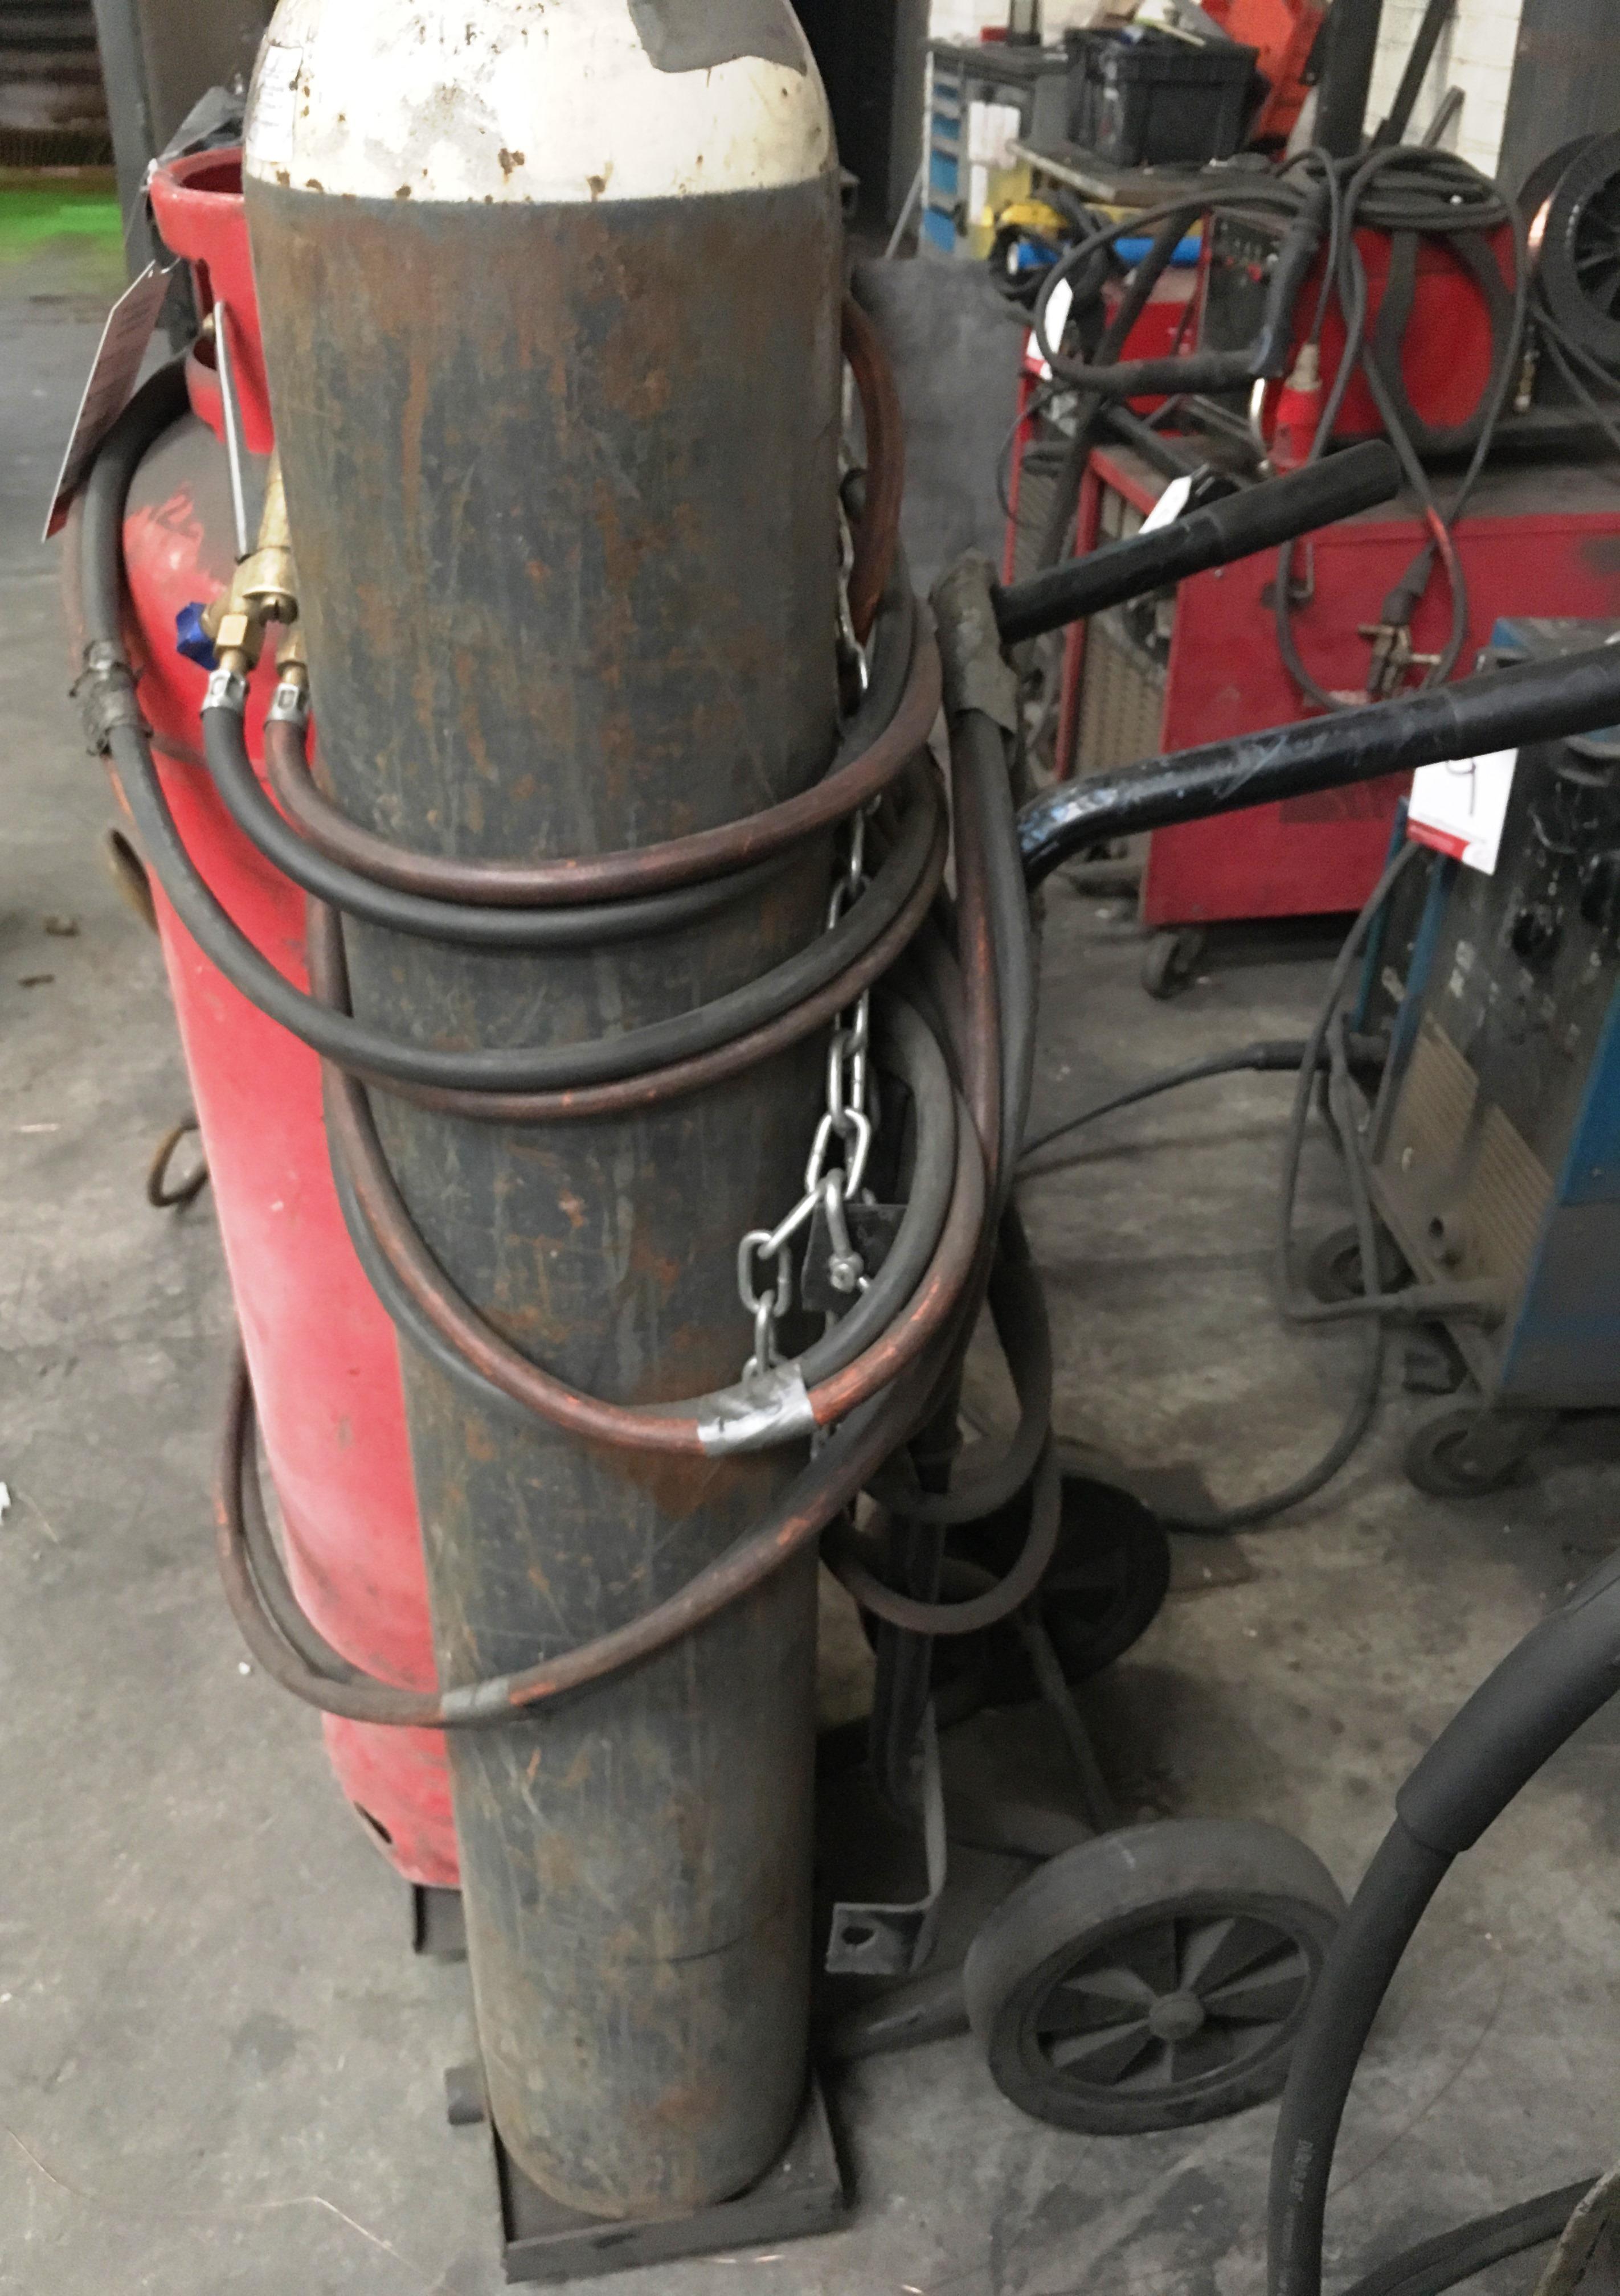 Lot 14 - Twin Gas Bottle Trolley w/ Welding Torch - Gas Bottles Not Included!